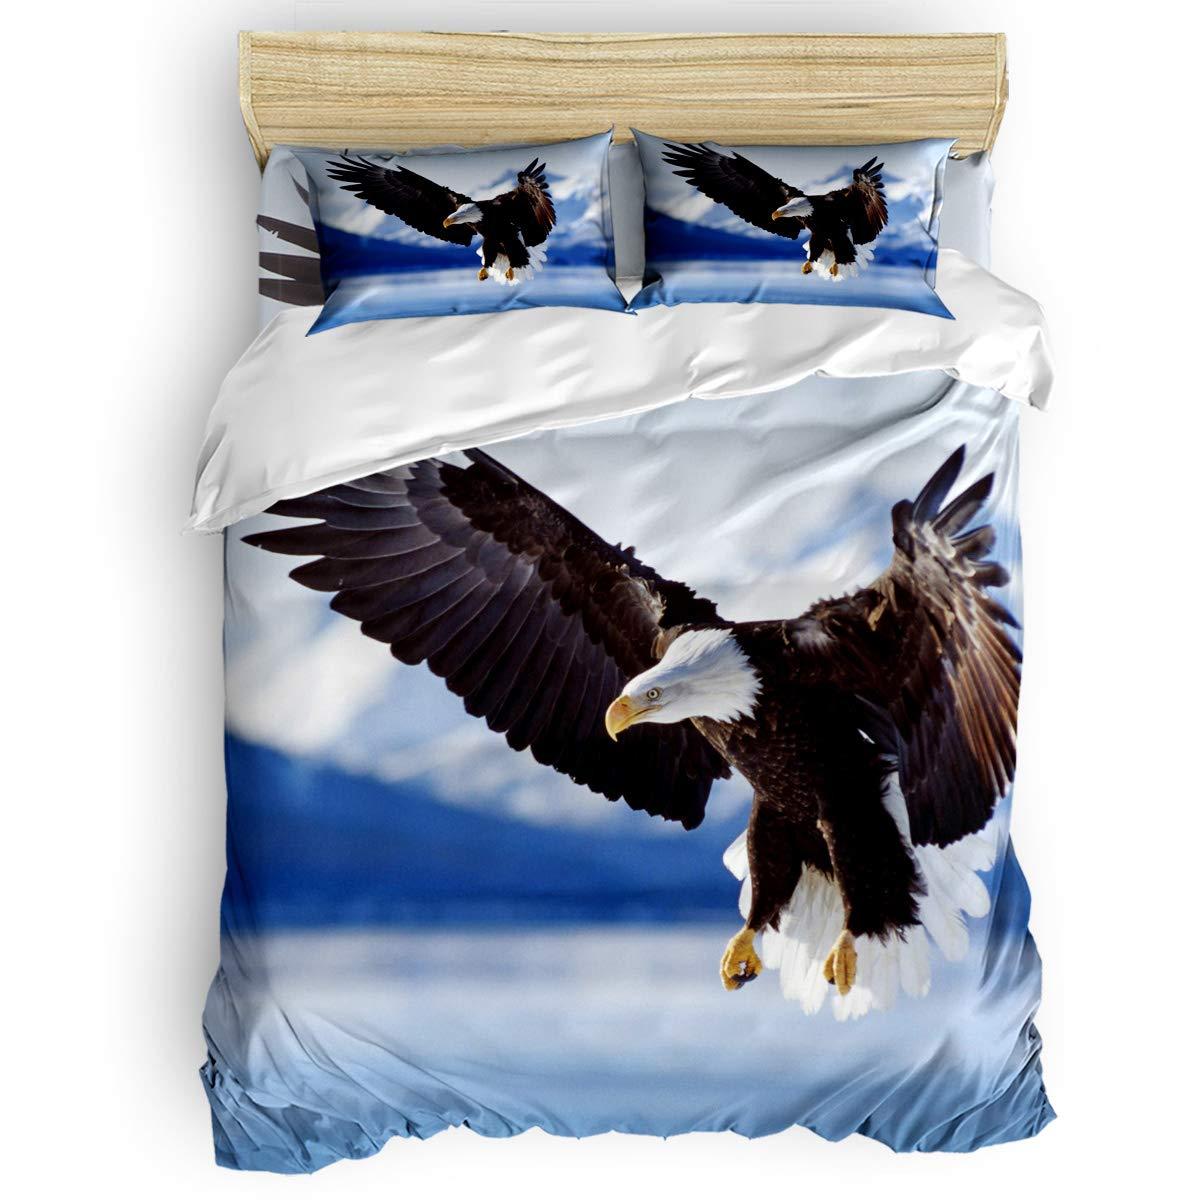 掛け布団カバー 4点セット シャーペイ ペットの犬 寝具カバーセット ベッド用 べッドシーツ 枕カバー 洋式 和式兼用 布団カバー 肌に優しい 羽毛布団セット 100%ポリエステル ダブル B07TGCKN4M Bird18LAS3165 ダブル